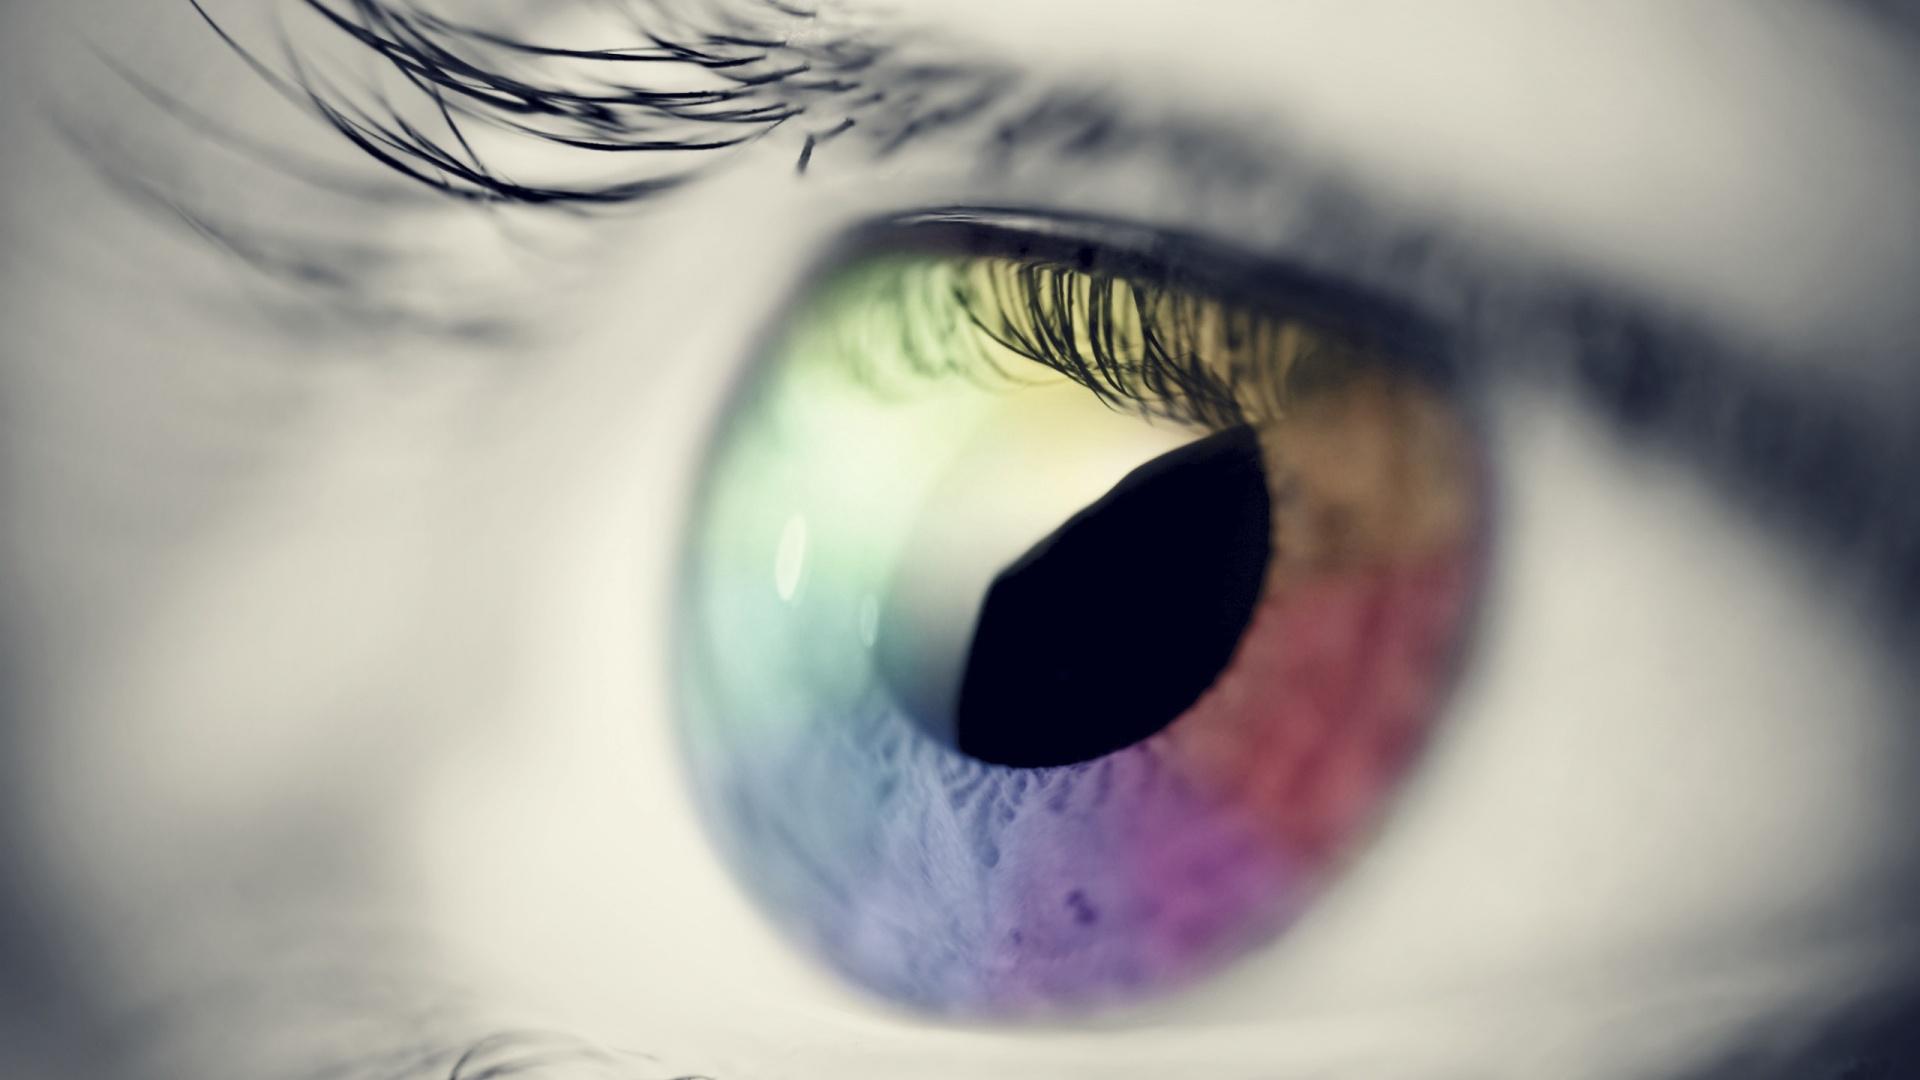 http://1.bp.blogspot.com/-aZnrnTZaXx4/UMIAEMYrN0I/AAAAAAAARUA/ML52tc-ak1I/s0/retina-rambo-eye-1920x1080.jpg